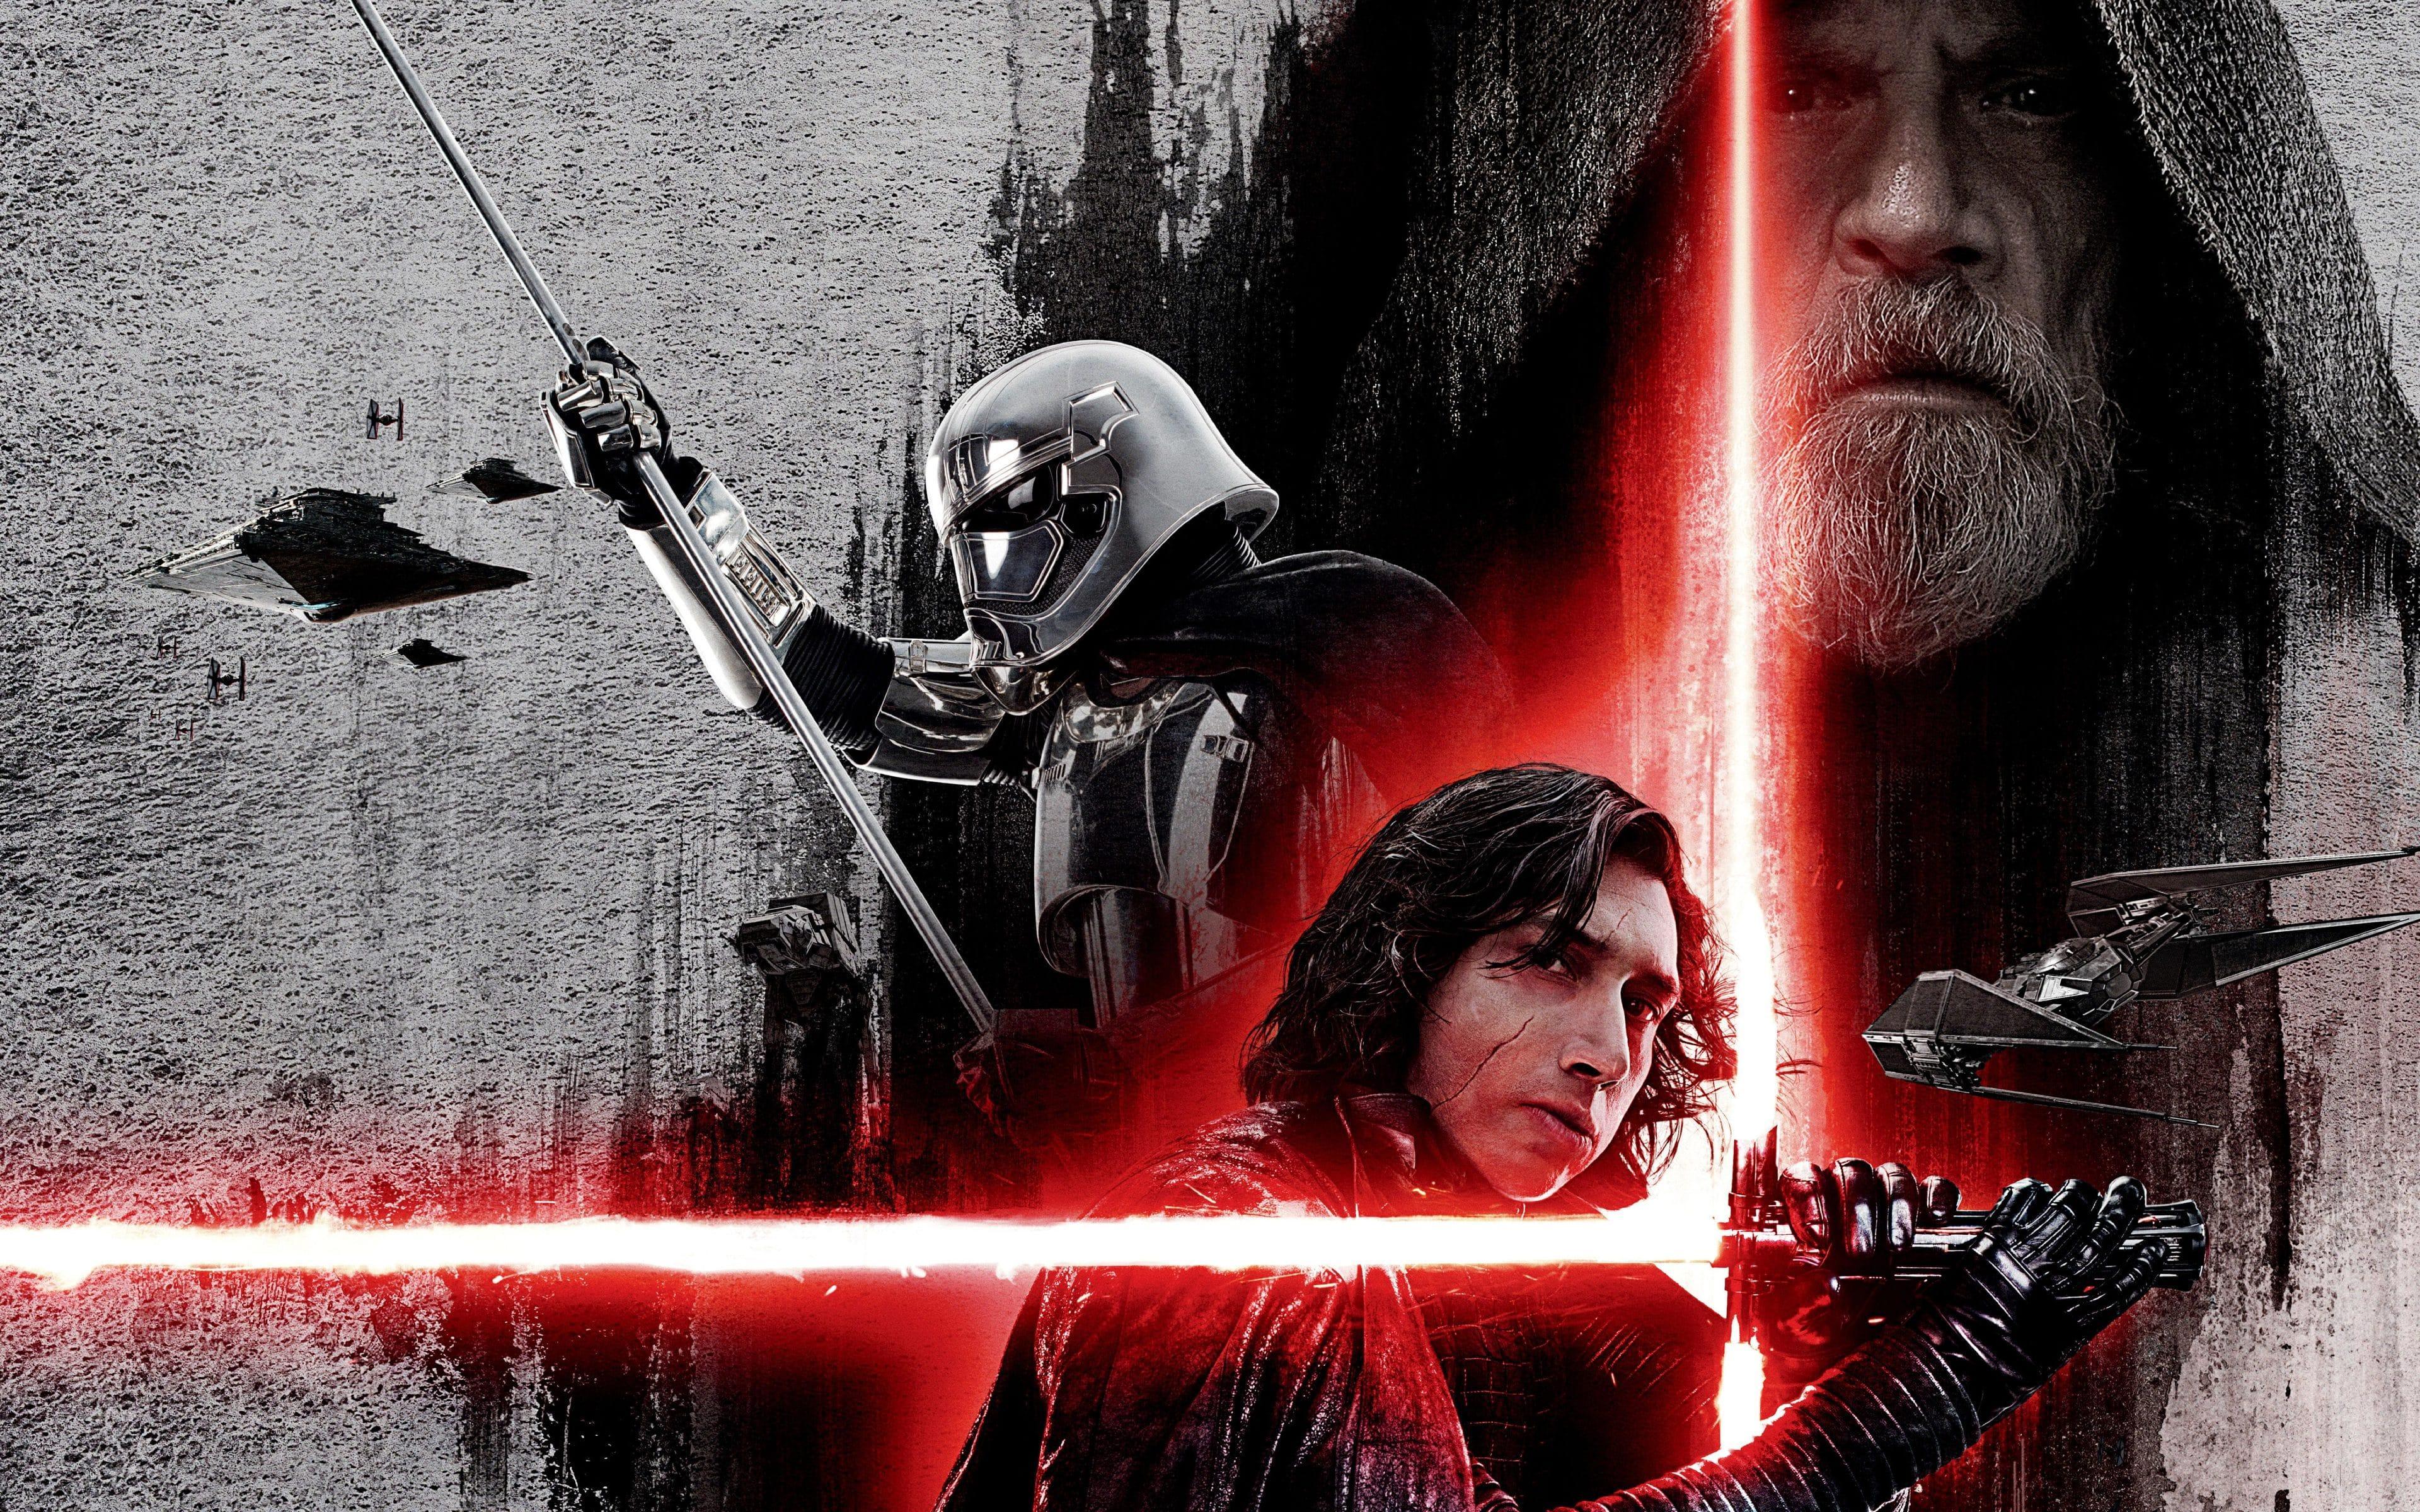 Star Wars Last Jedi Wallpaper: Last Jedi Wallpapers